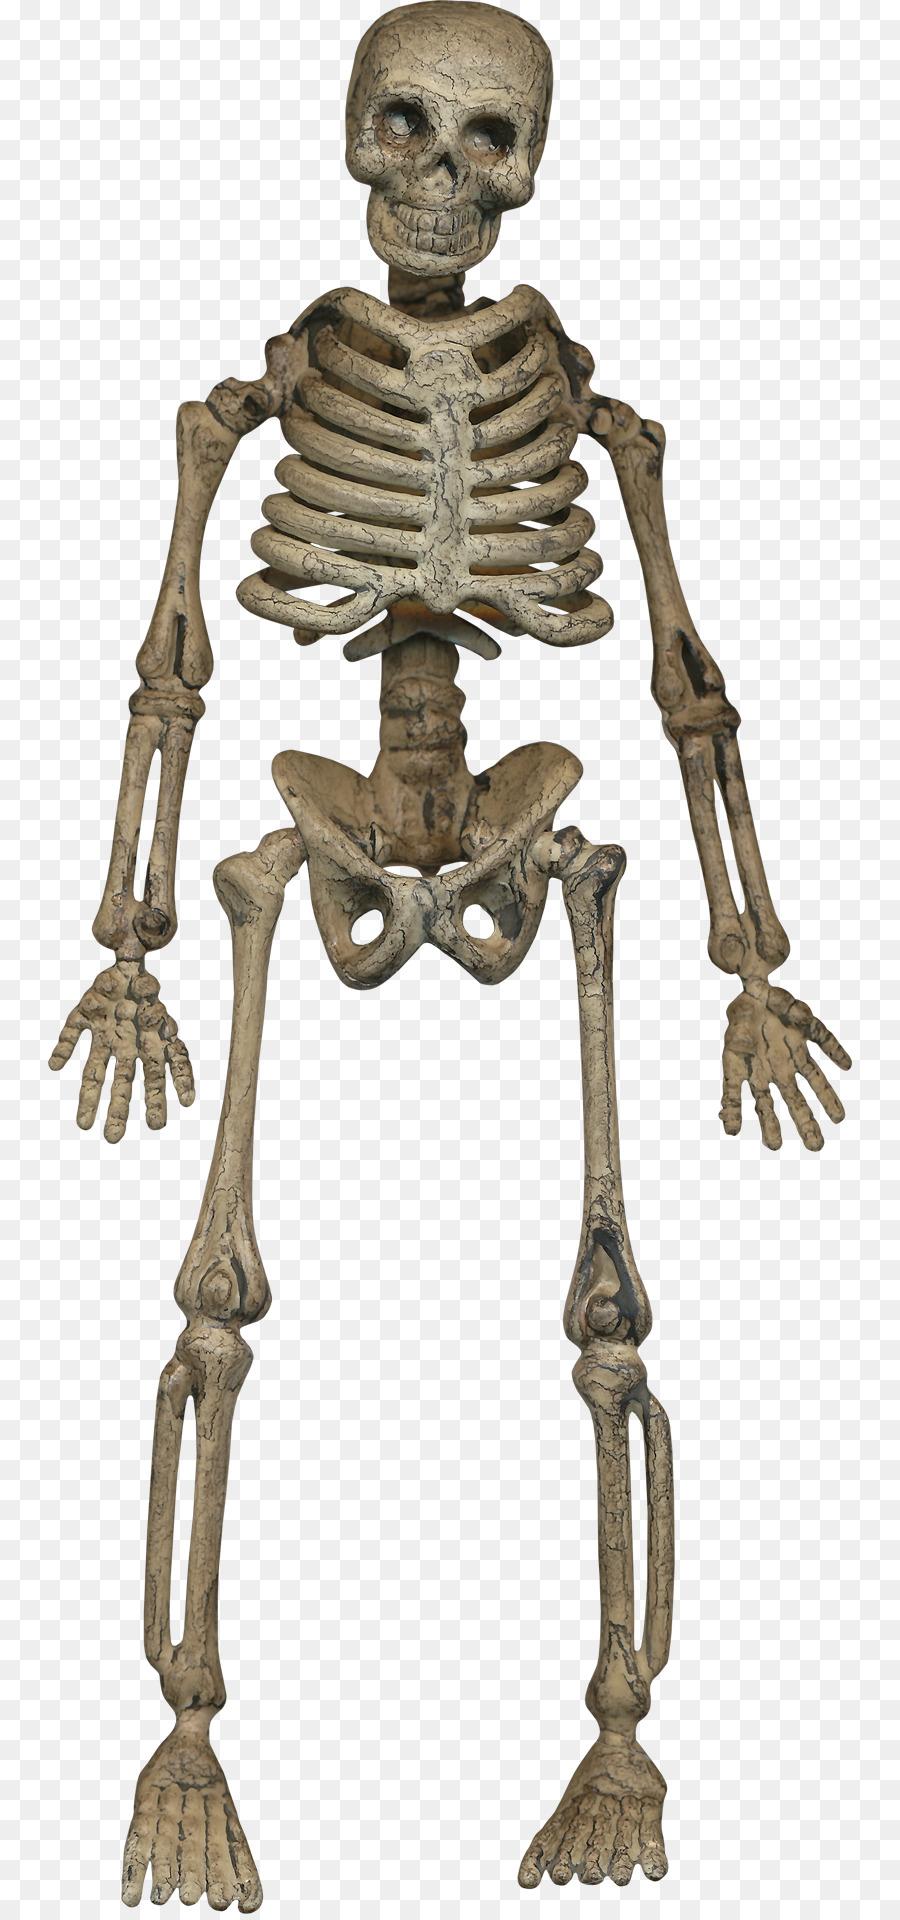 Human Skeleton Homo Sapiens Bone Human Skeleton Png Download 804